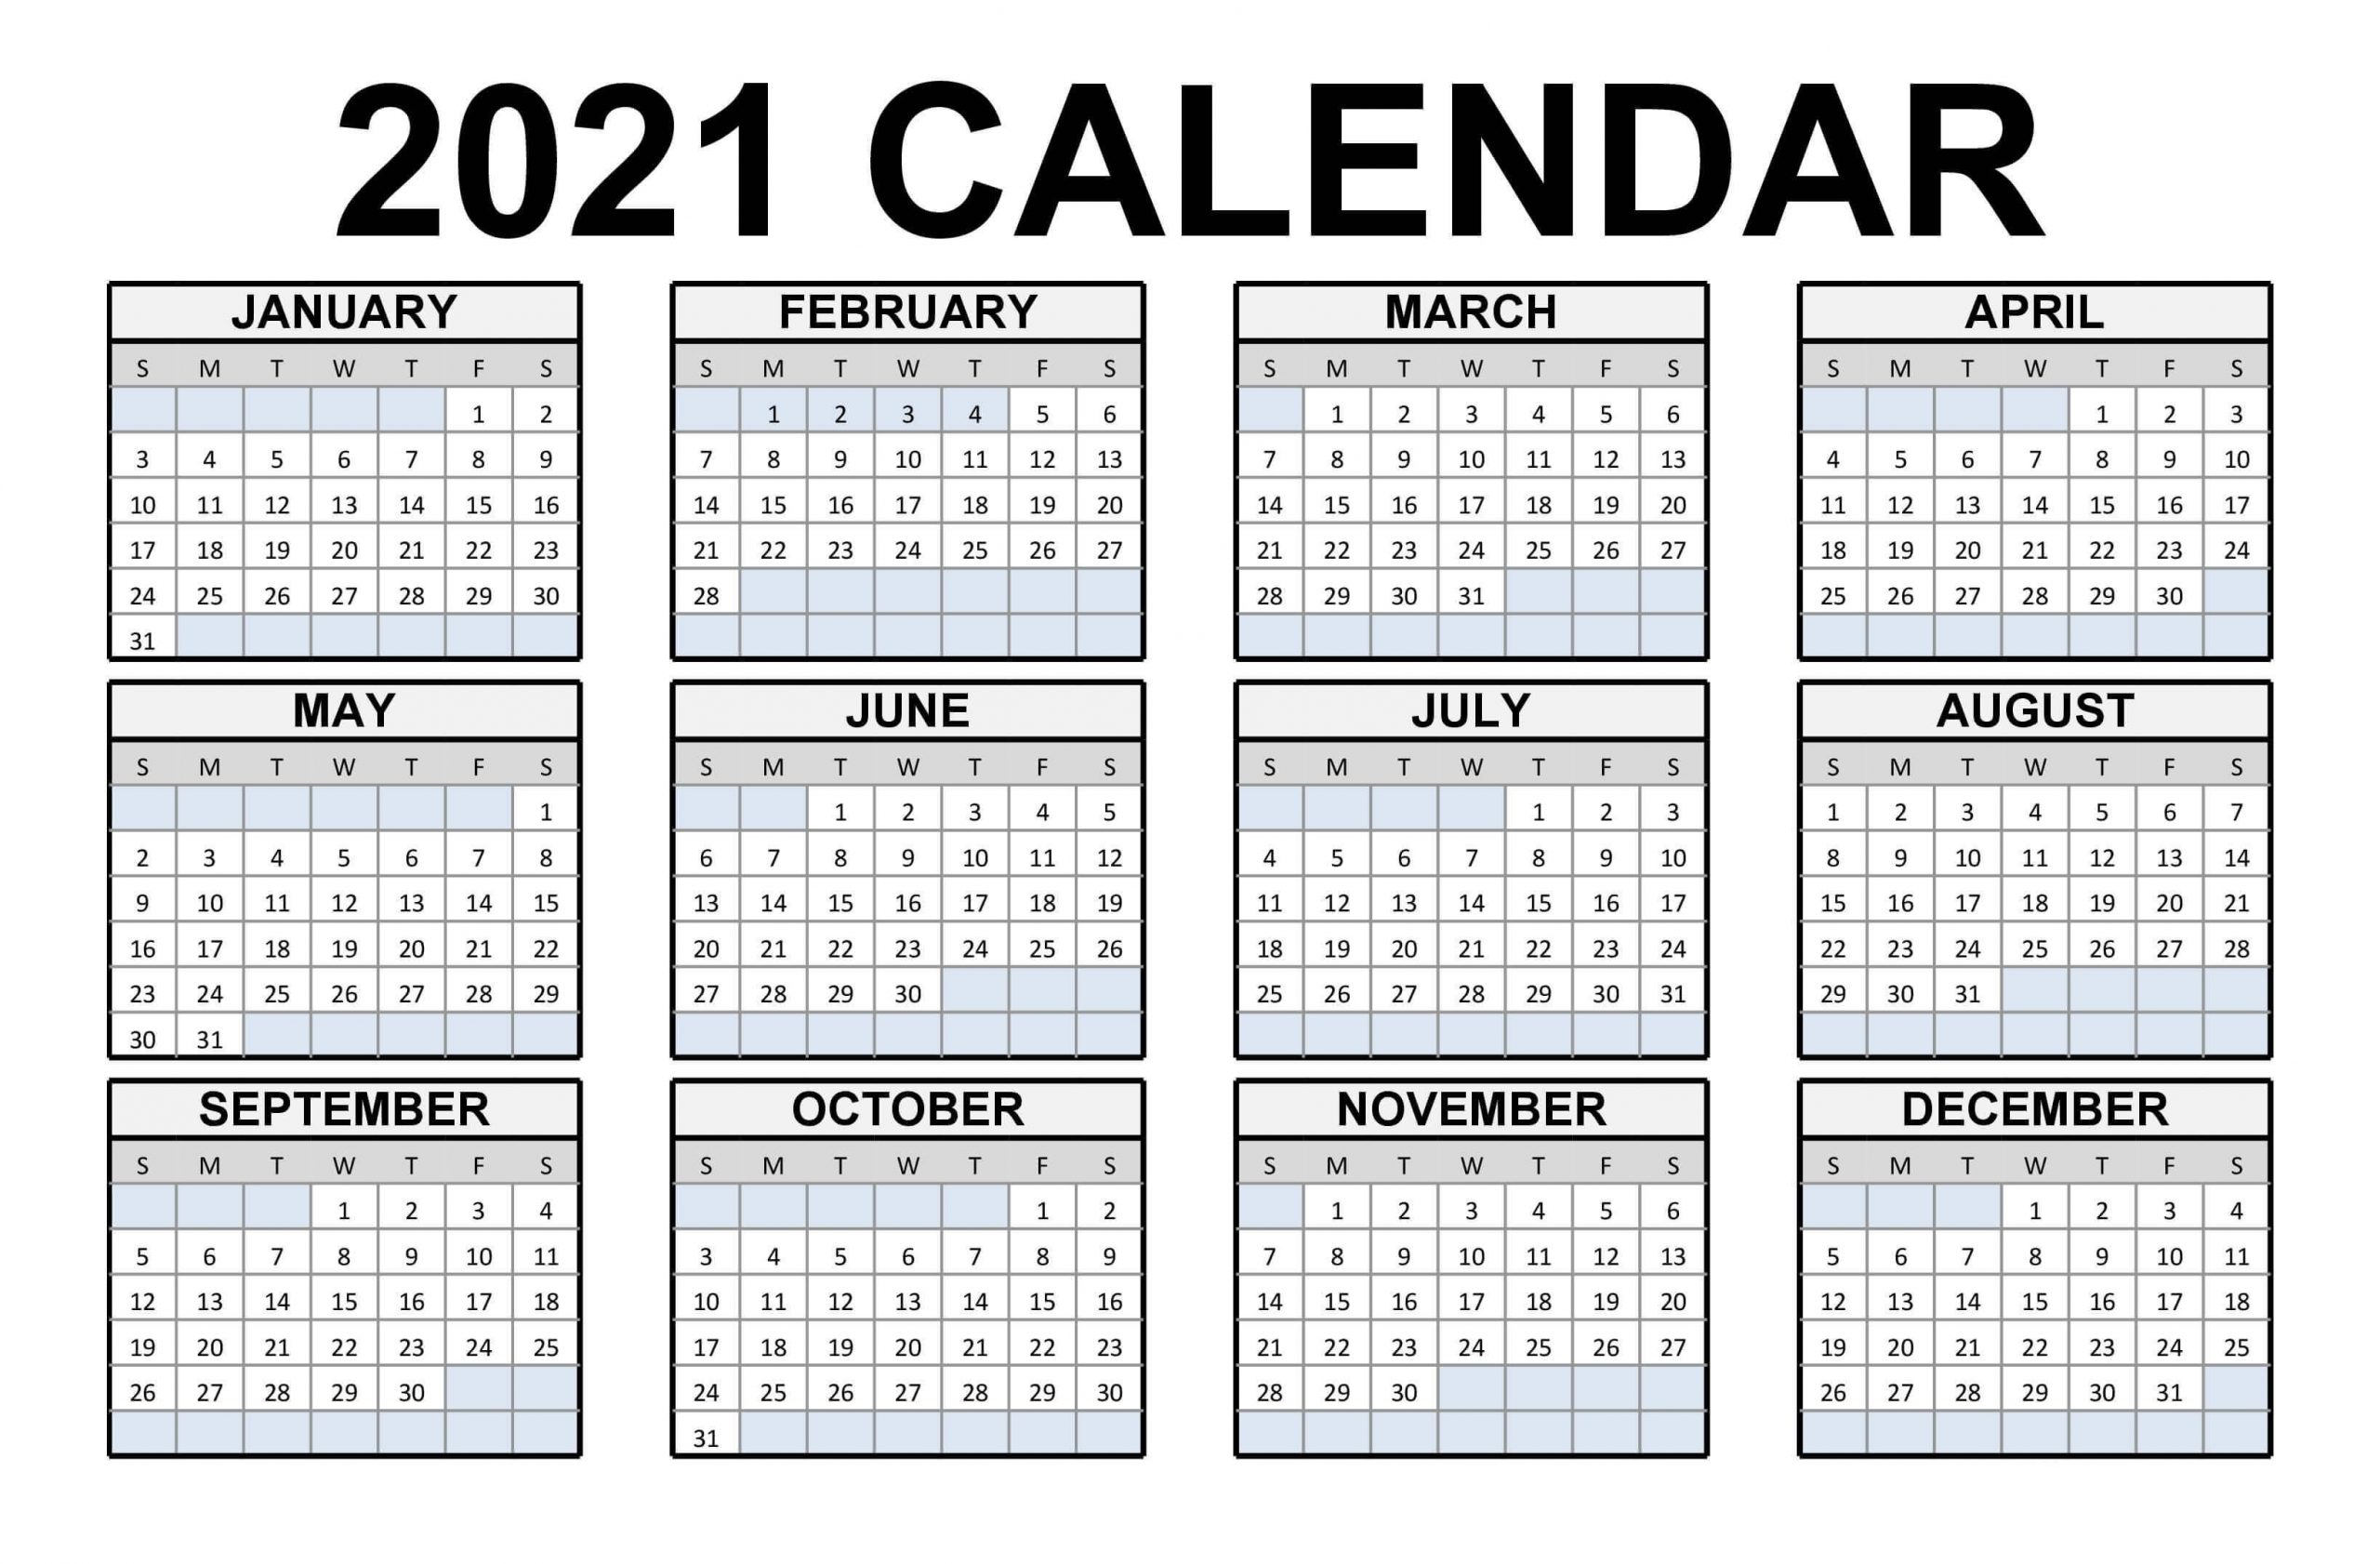 Free Printable Calendar 2021 In Pdf Word Excel Template pertaining to Free Printable Calendars 2021 Monthly Image